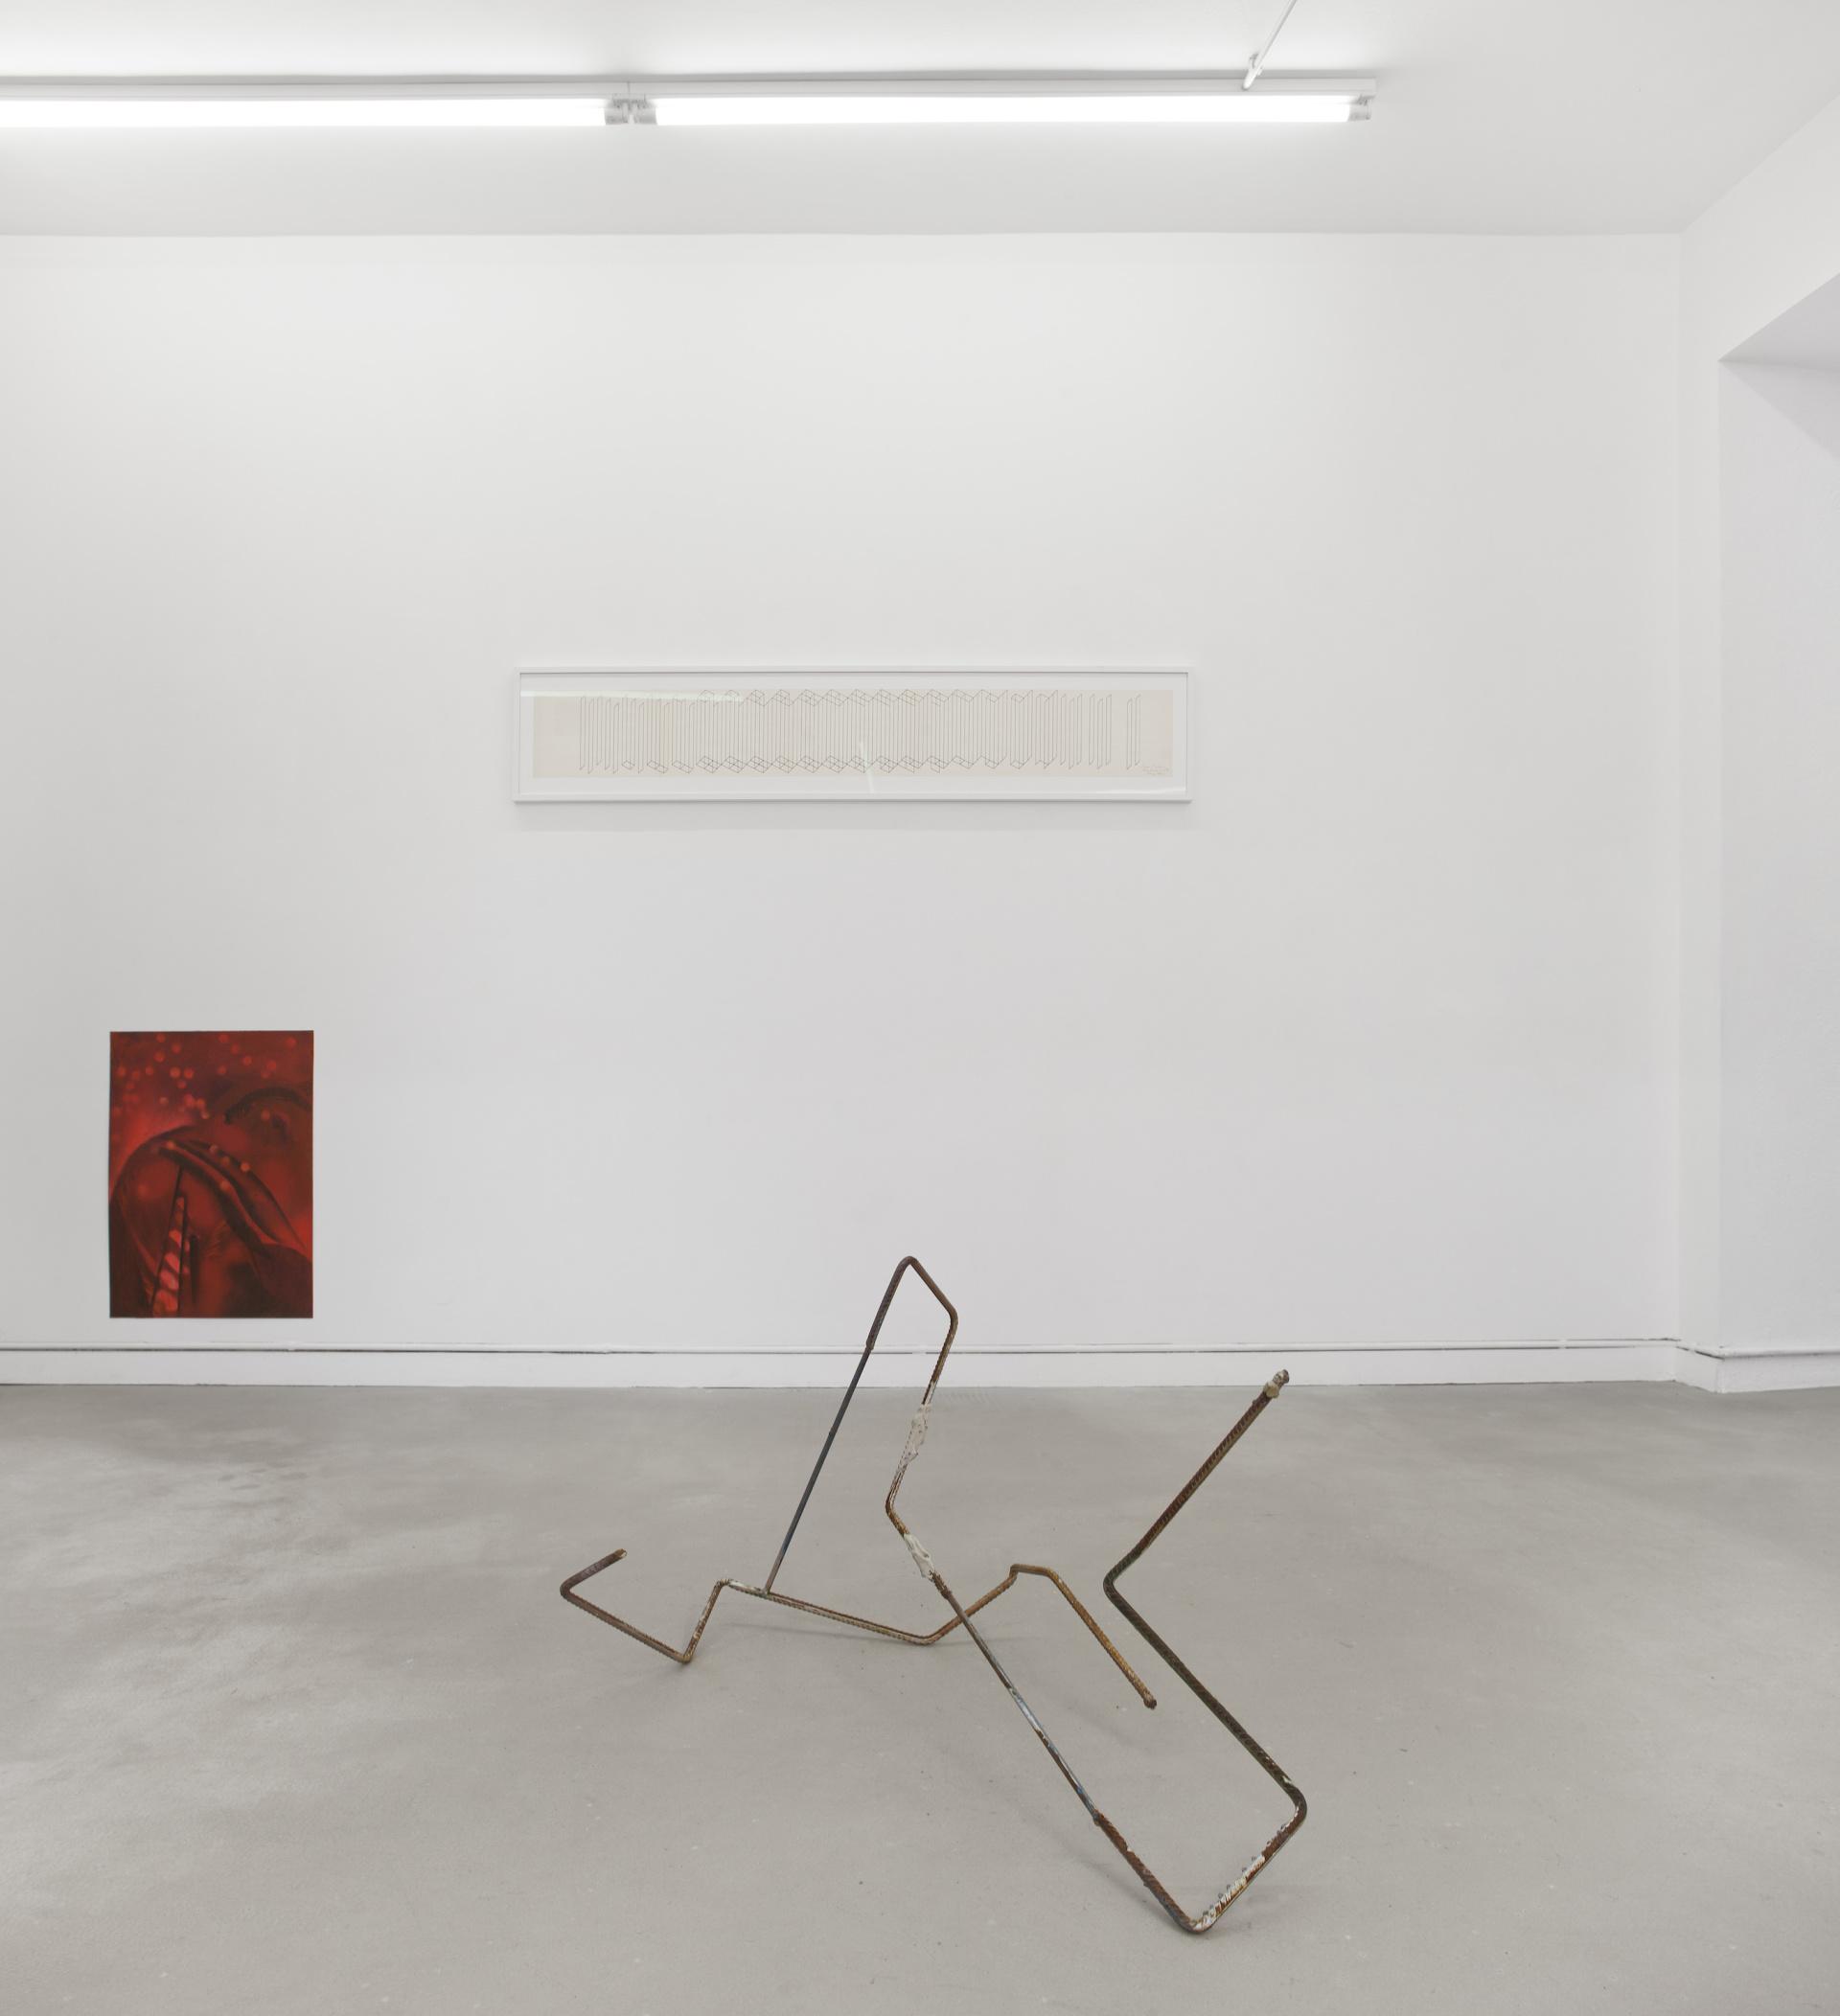 Oculto en la sombra. Sucediendo en el margen. Disolviendo la forma. Curator: Marta Ramos-Yzquierdo